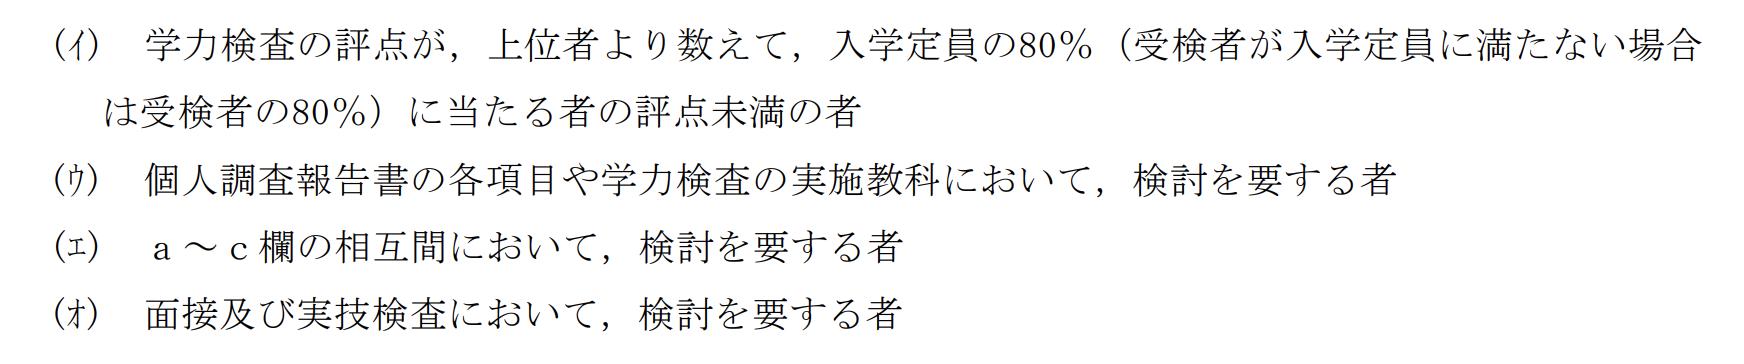 島根県公立高校入試制度4